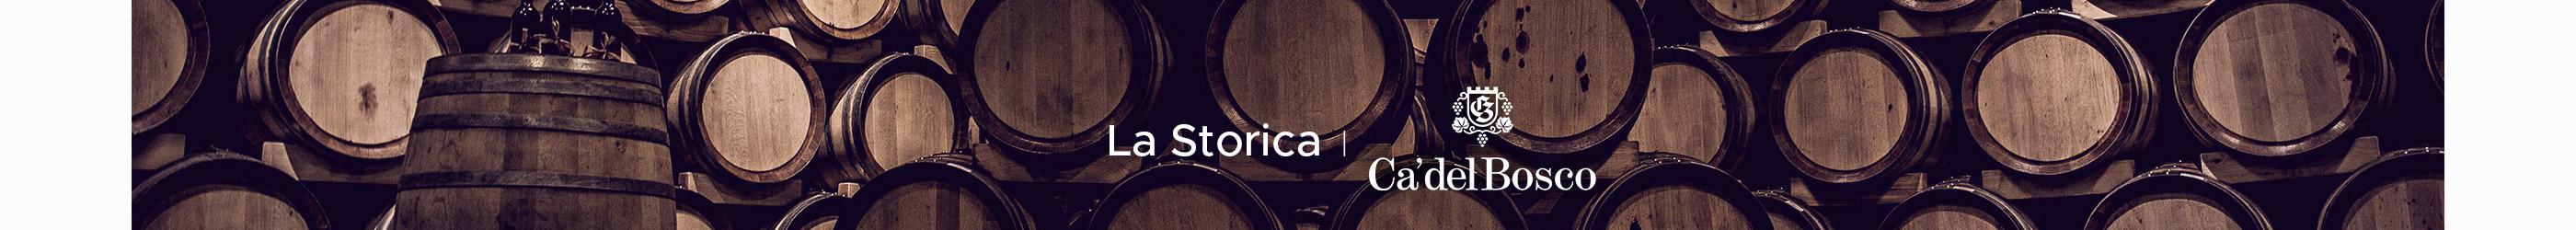 Riserve Storiche Ca' Del Bosco